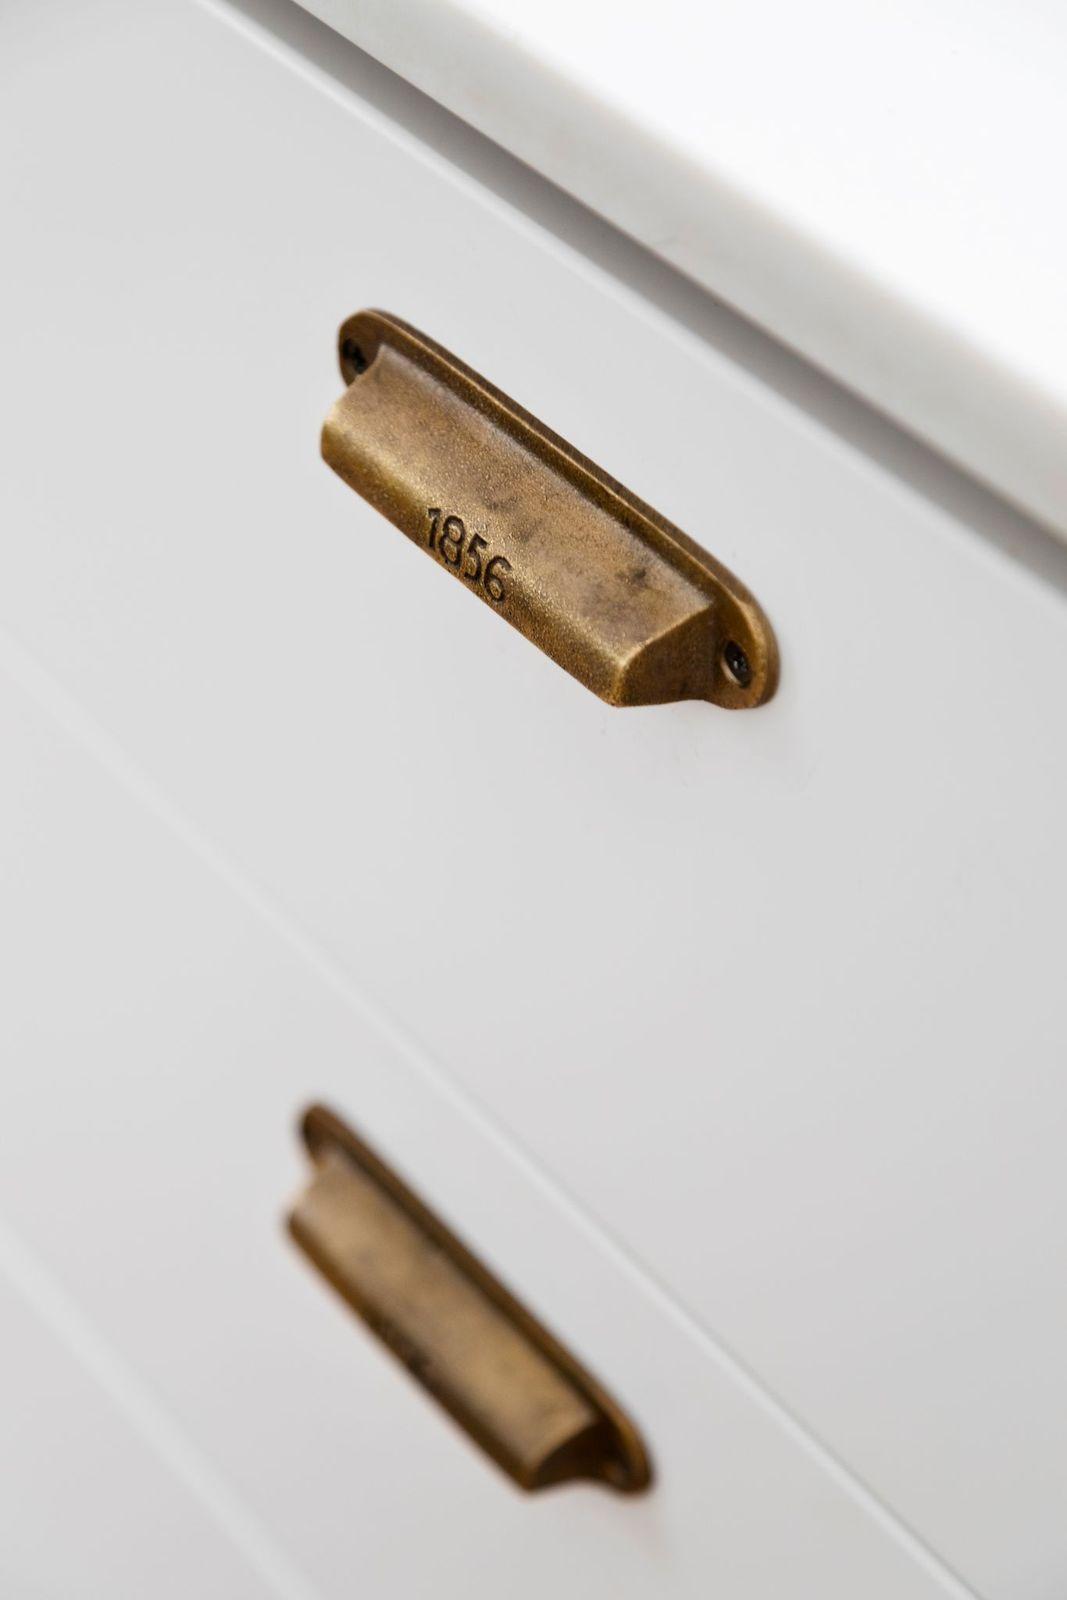 Vintage-look drawer pulls